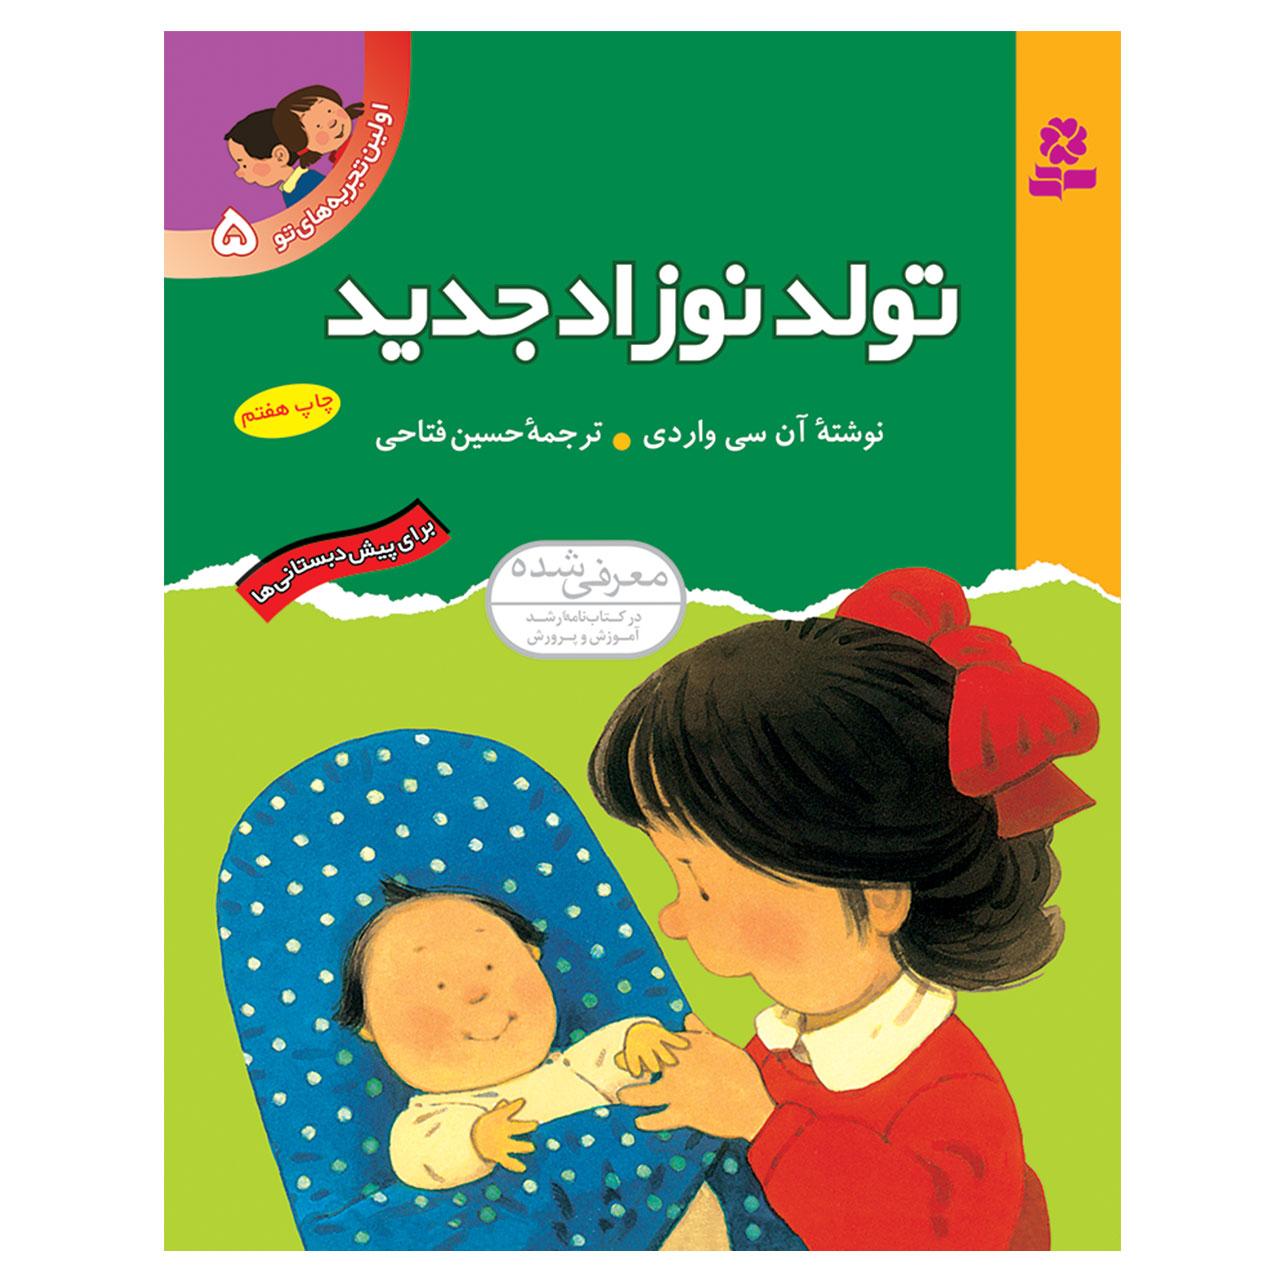 خرید                      کتاب اولین تجربه های تو 5 تولد نوزاد جدید اثر سی واردی انتشارات قدیانی